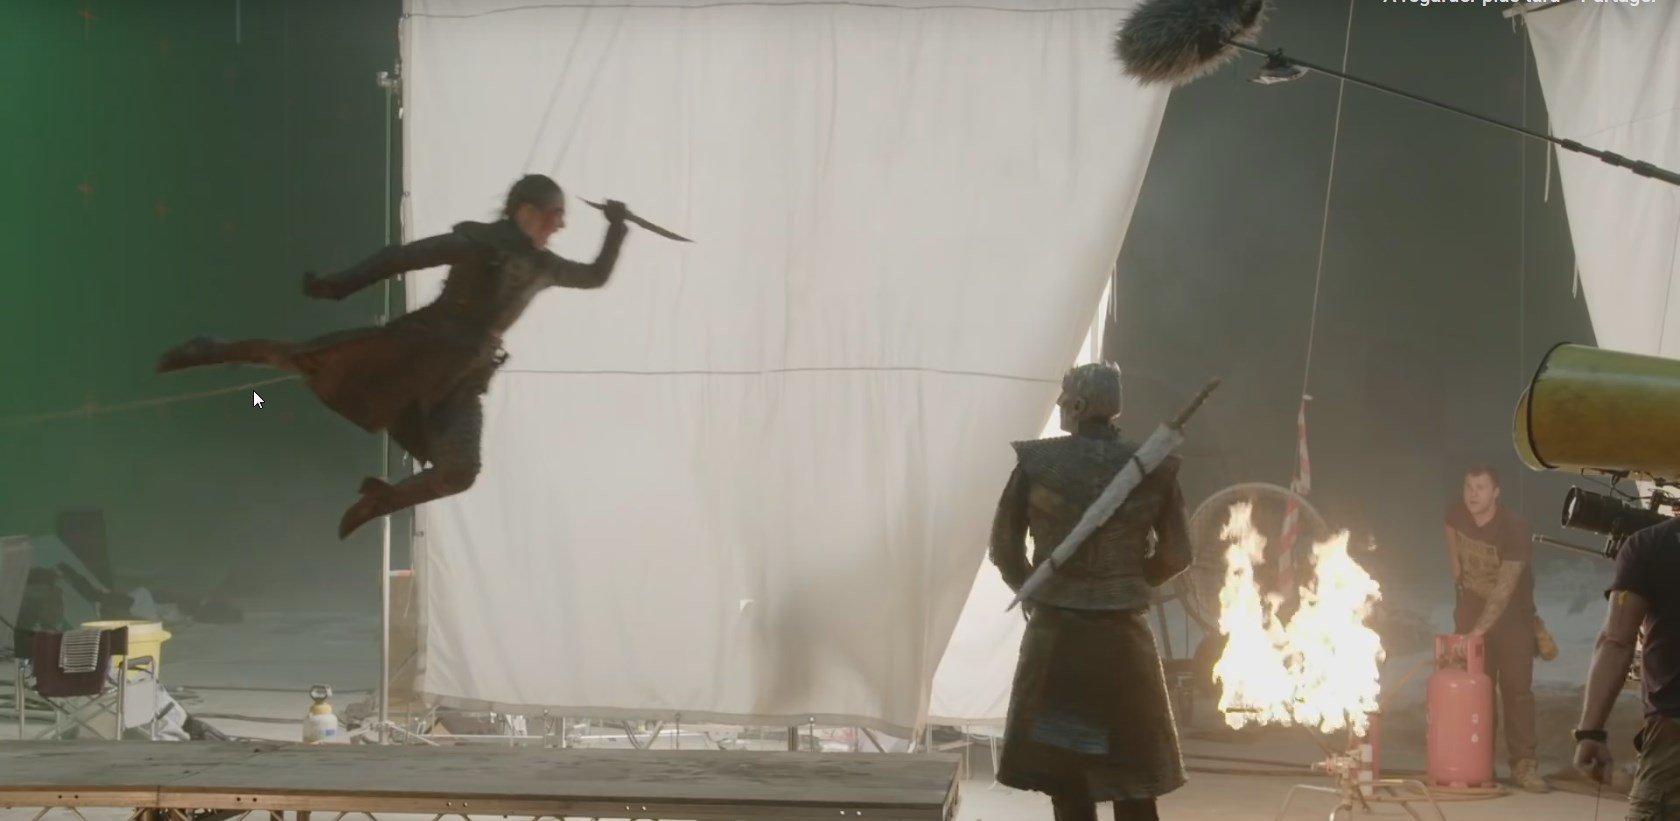 Photo du tournage de la huitième saison de la série Game of Thrones avec Arya Stark et le Night King